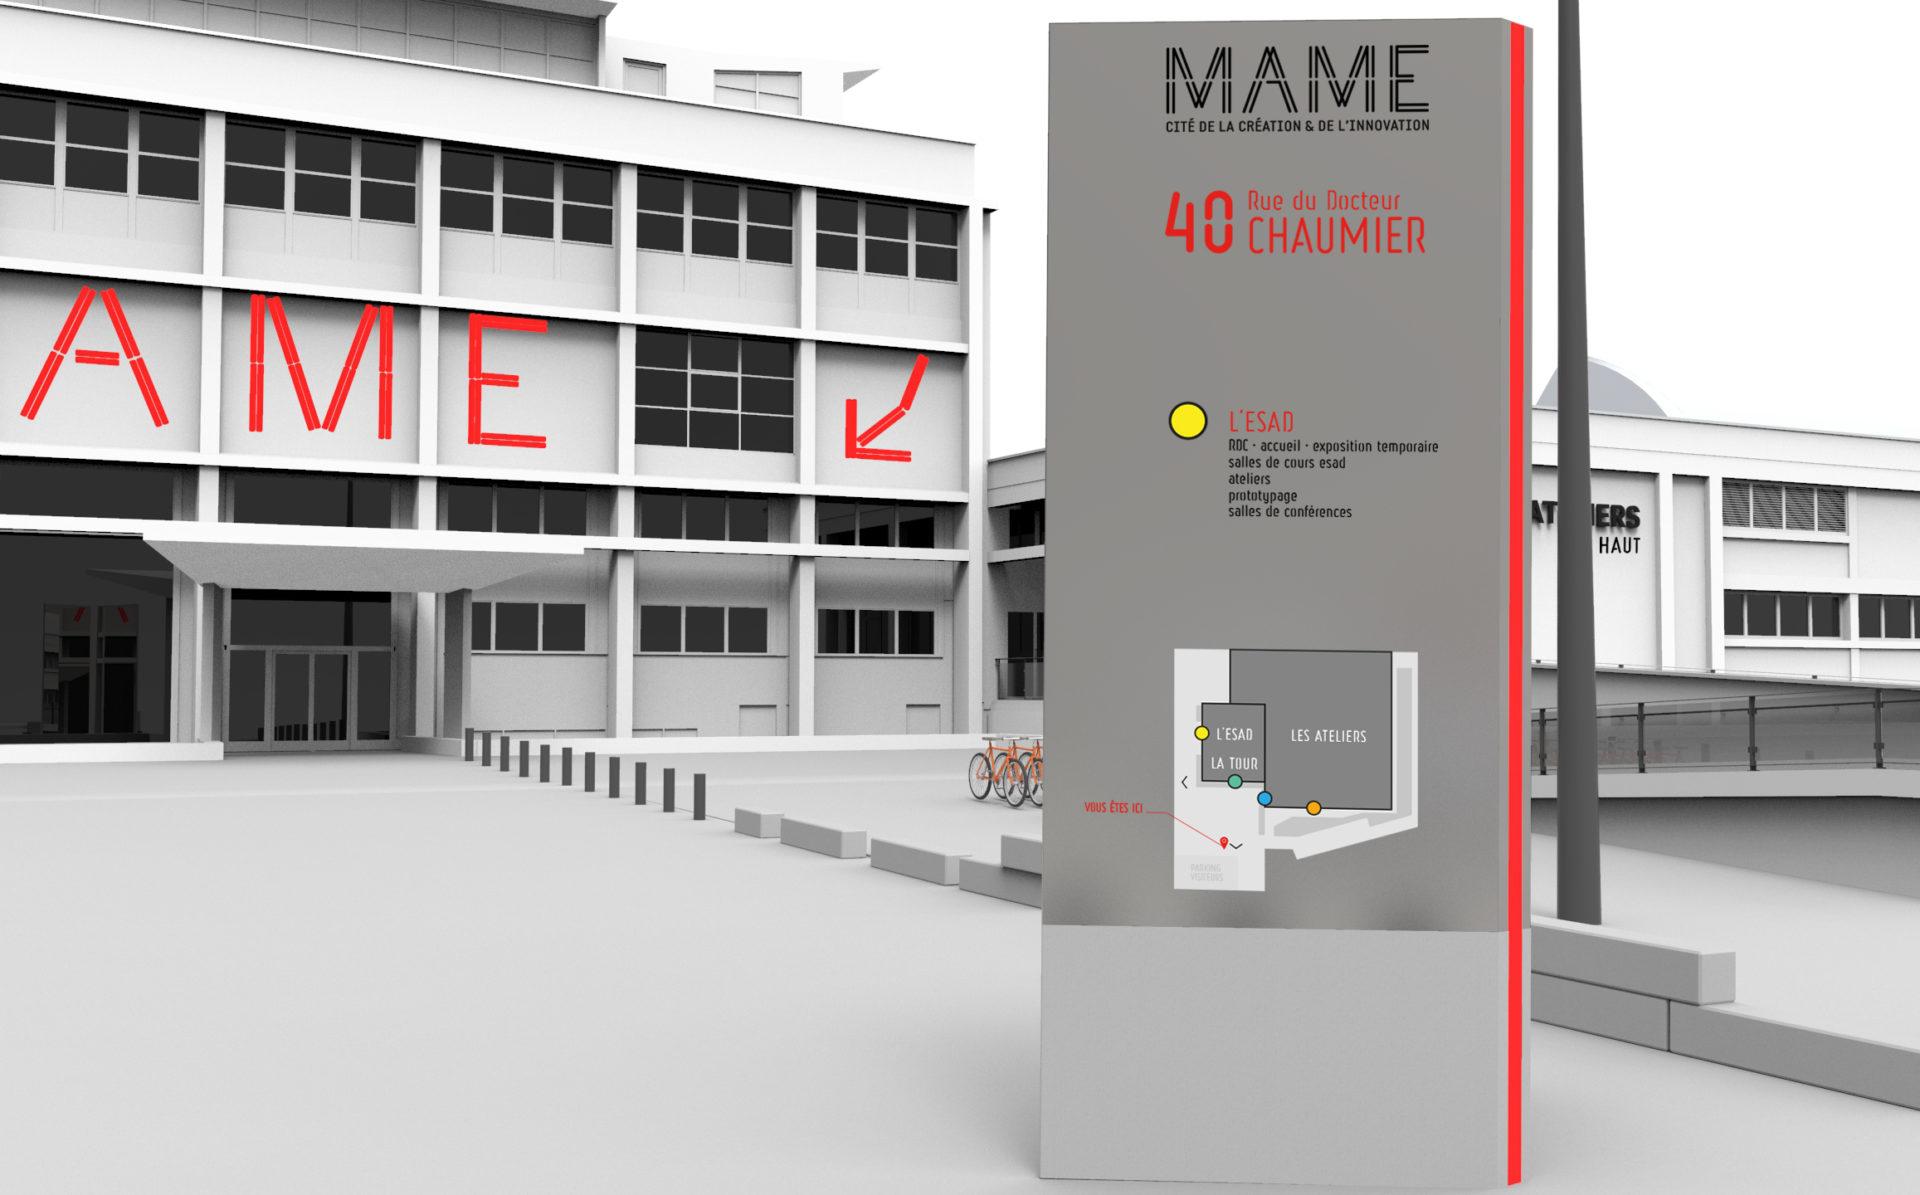 MAME_Extérieur_Totem-verso02